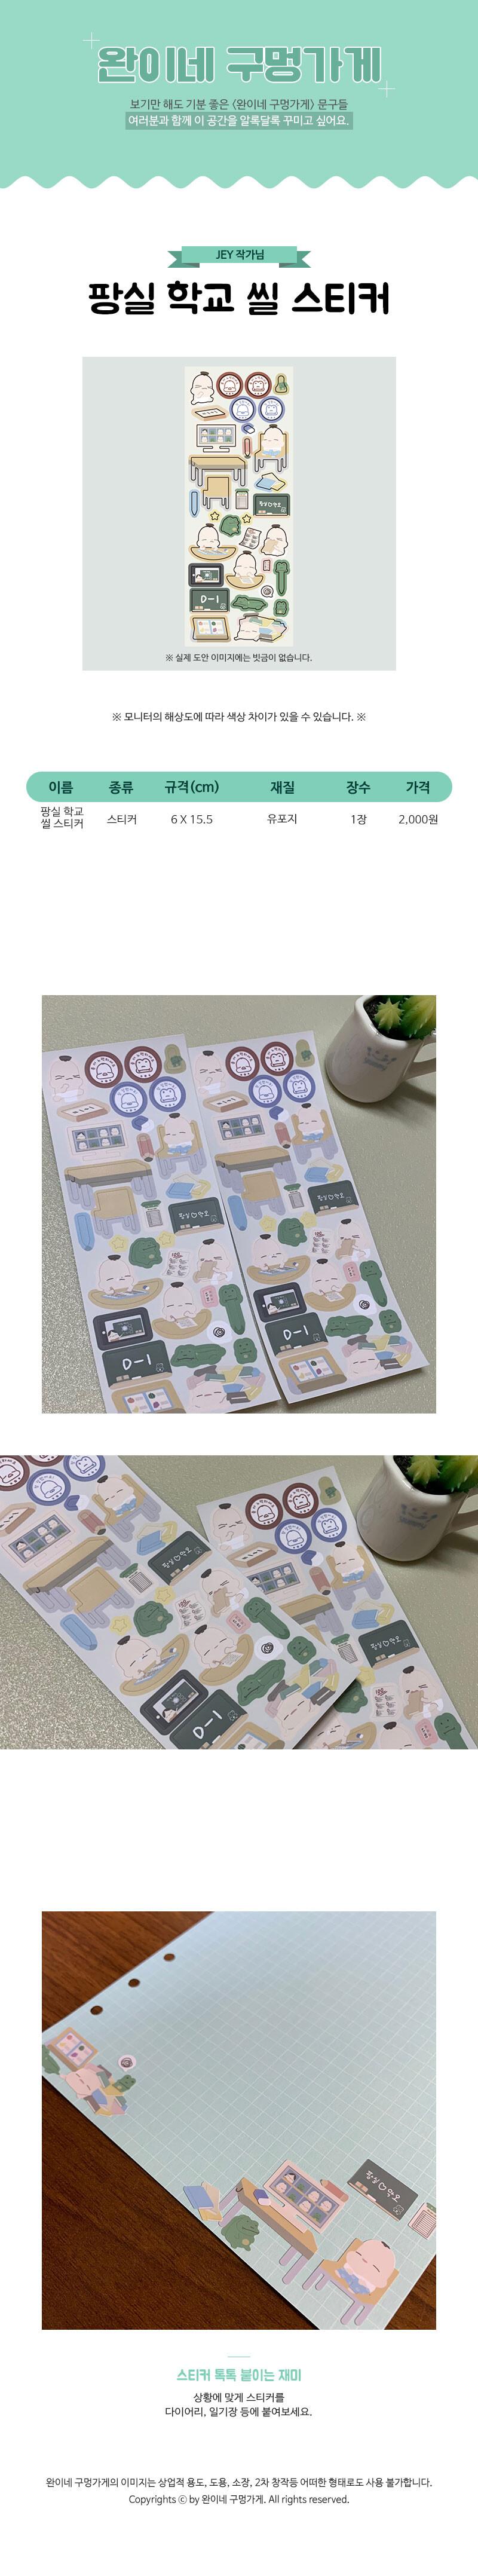 sticker1046